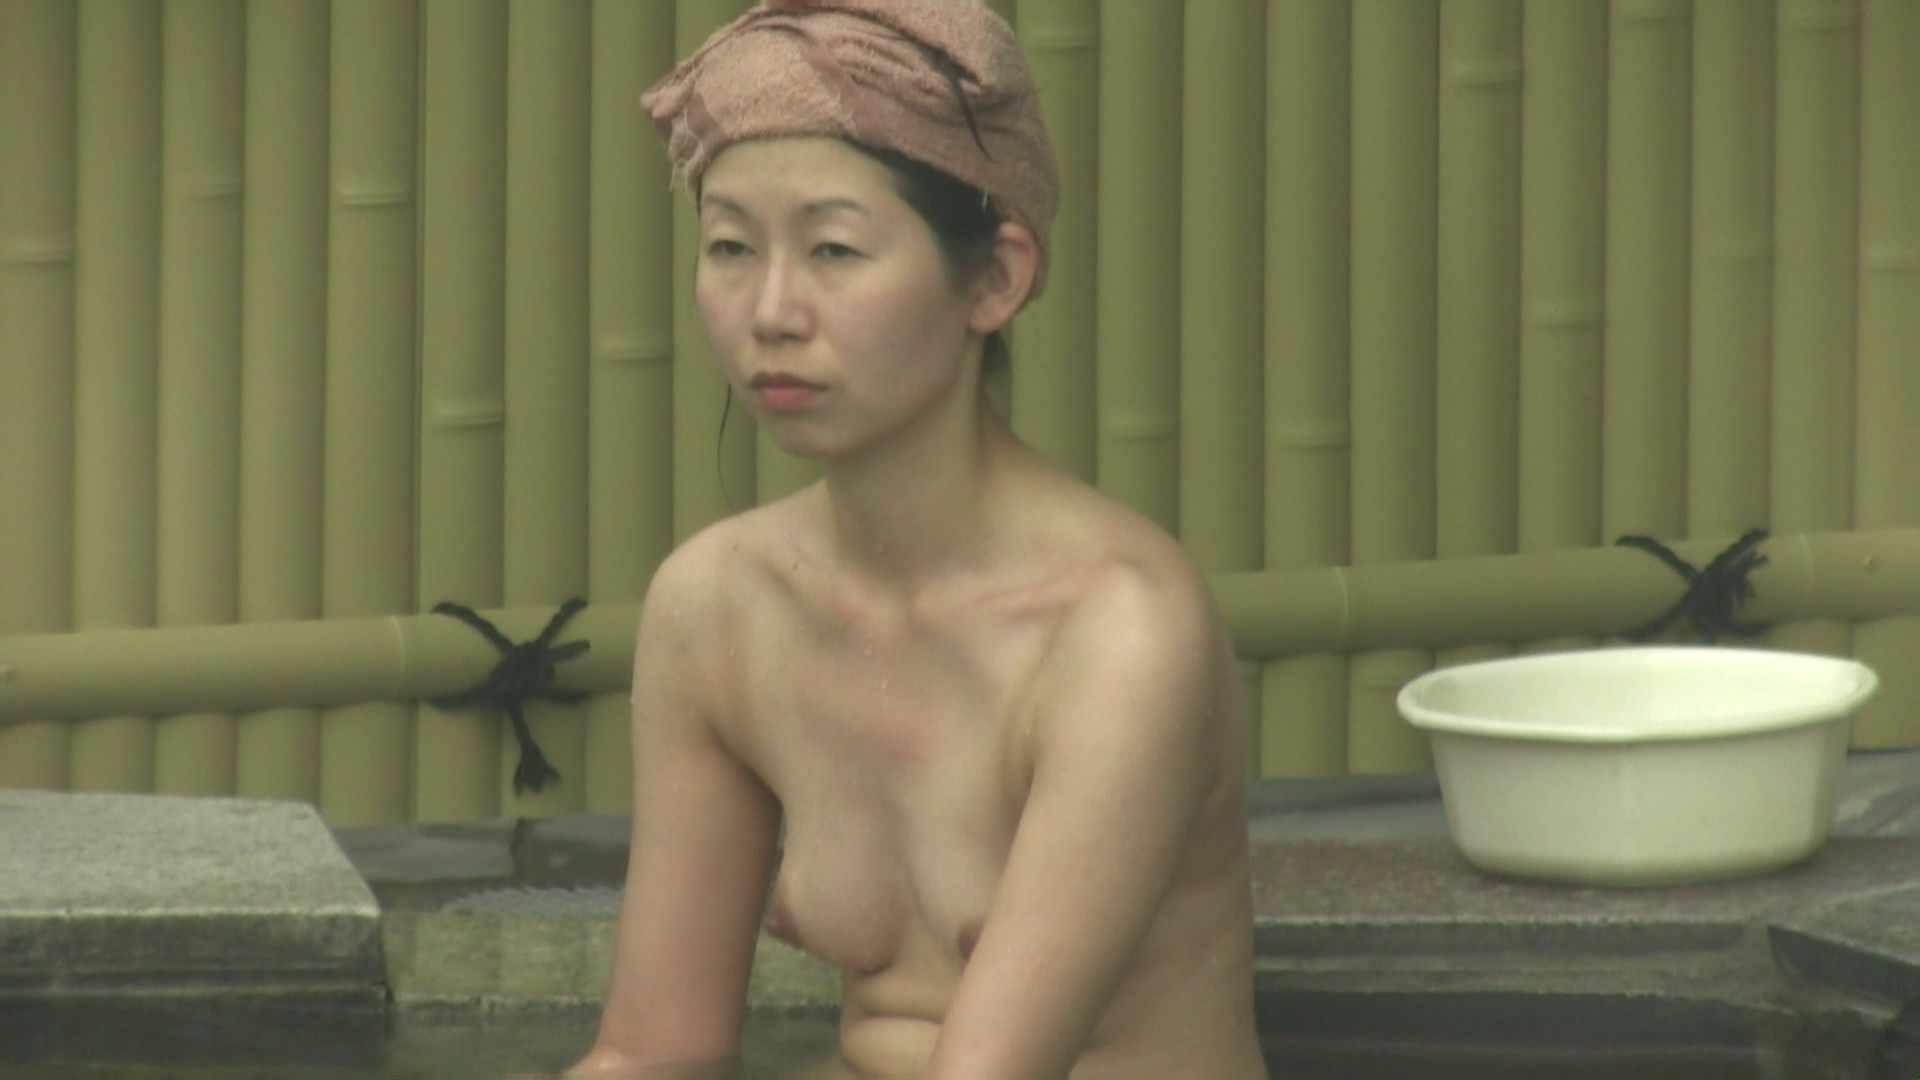 高画質露天女風呂観察 vol.023 入浴 おまんこ無修正動画無料 76PIX 11